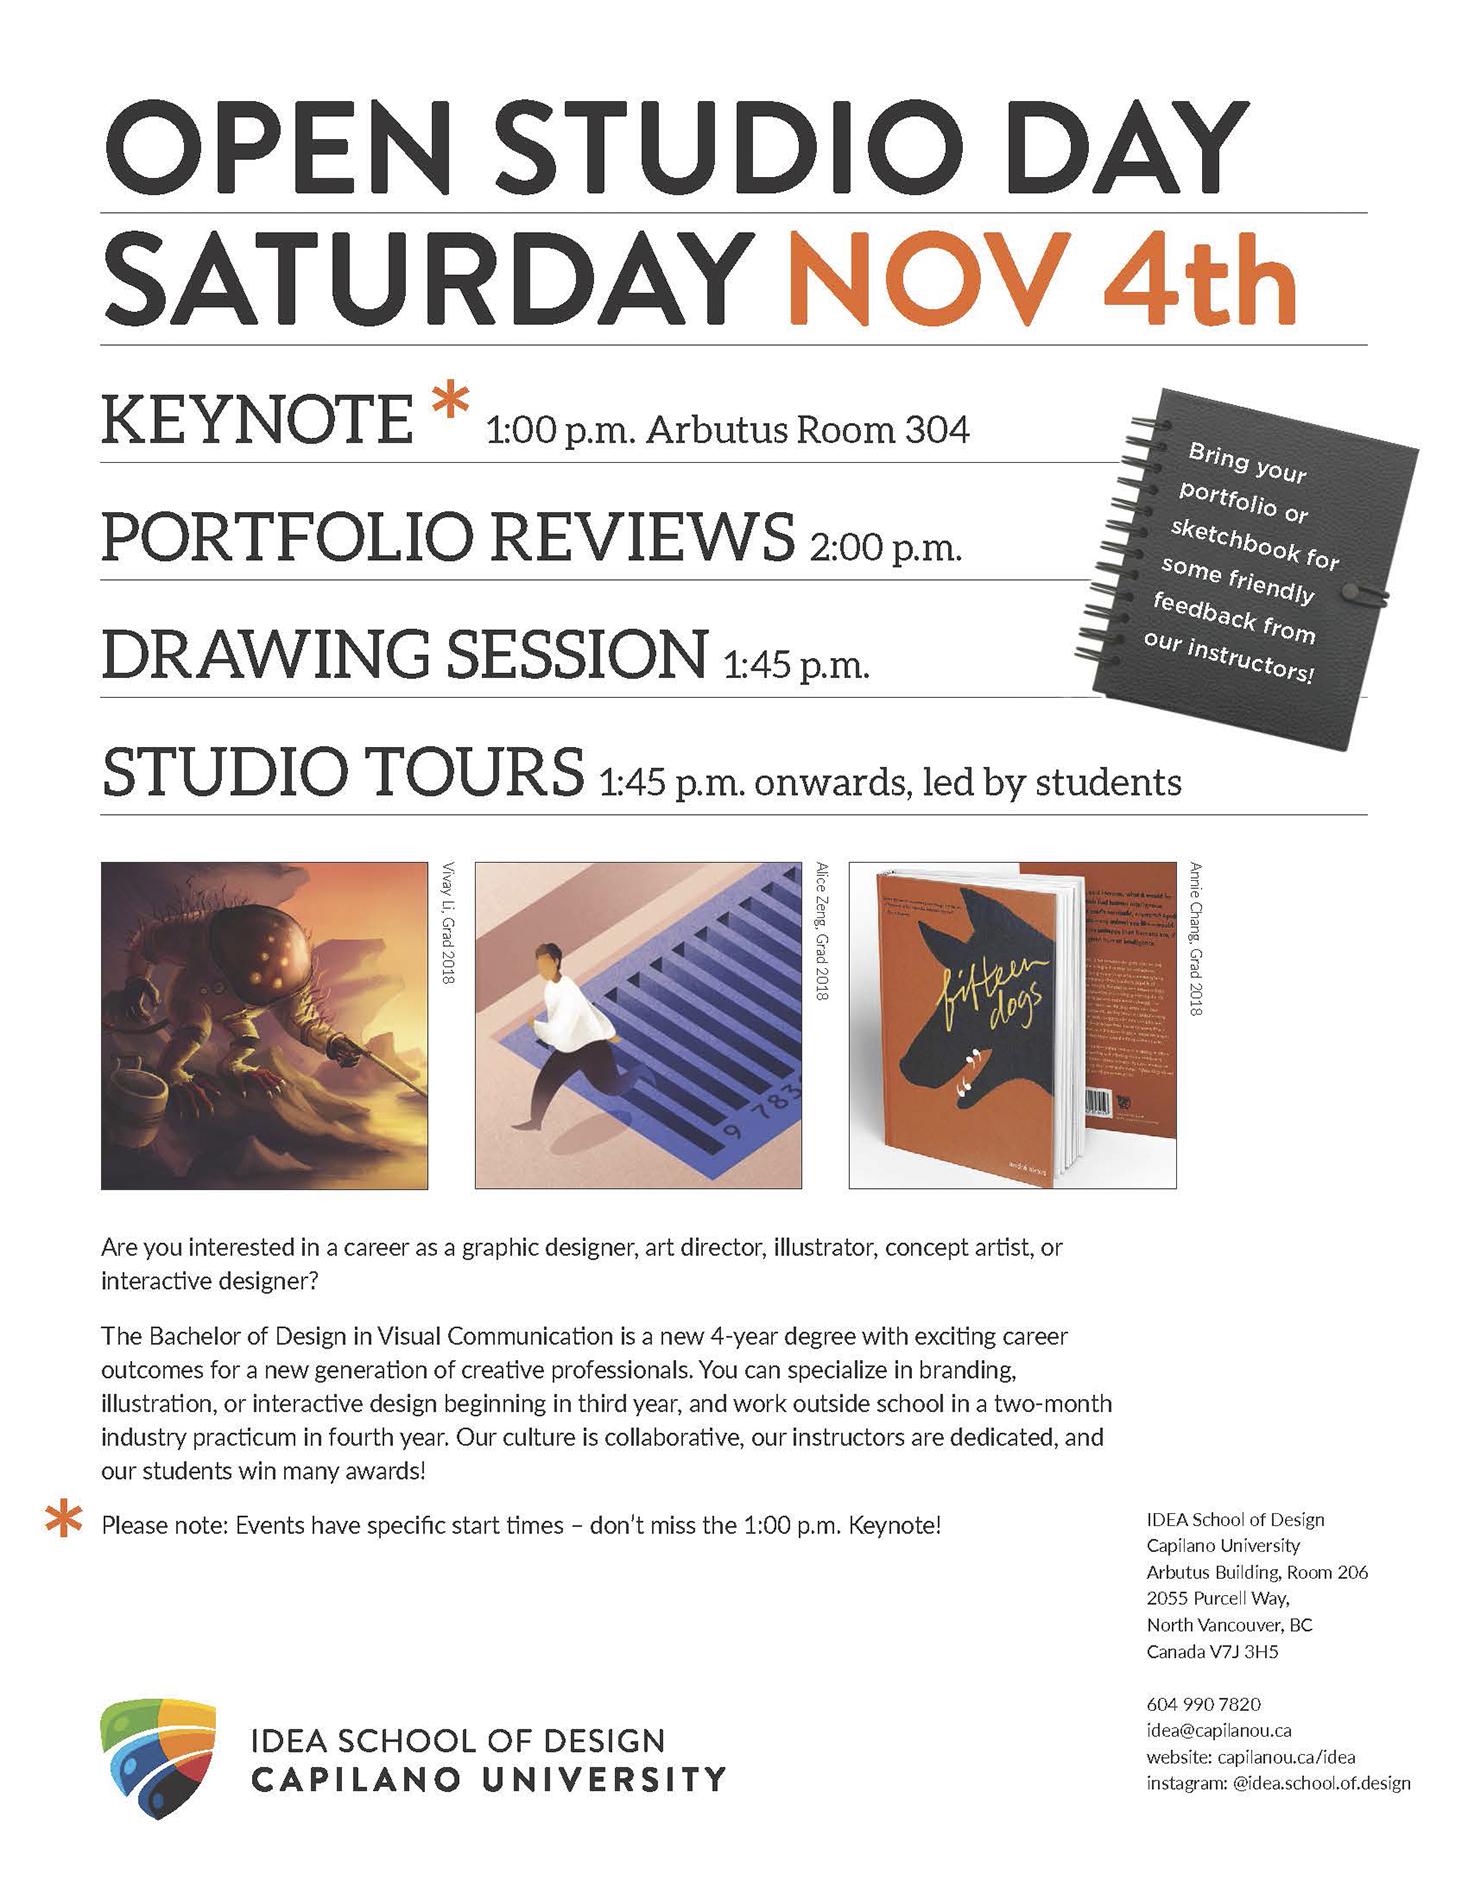 IDEA Open Studio Day | Saturday, Nov 4, 2017 — IDEA School of Design